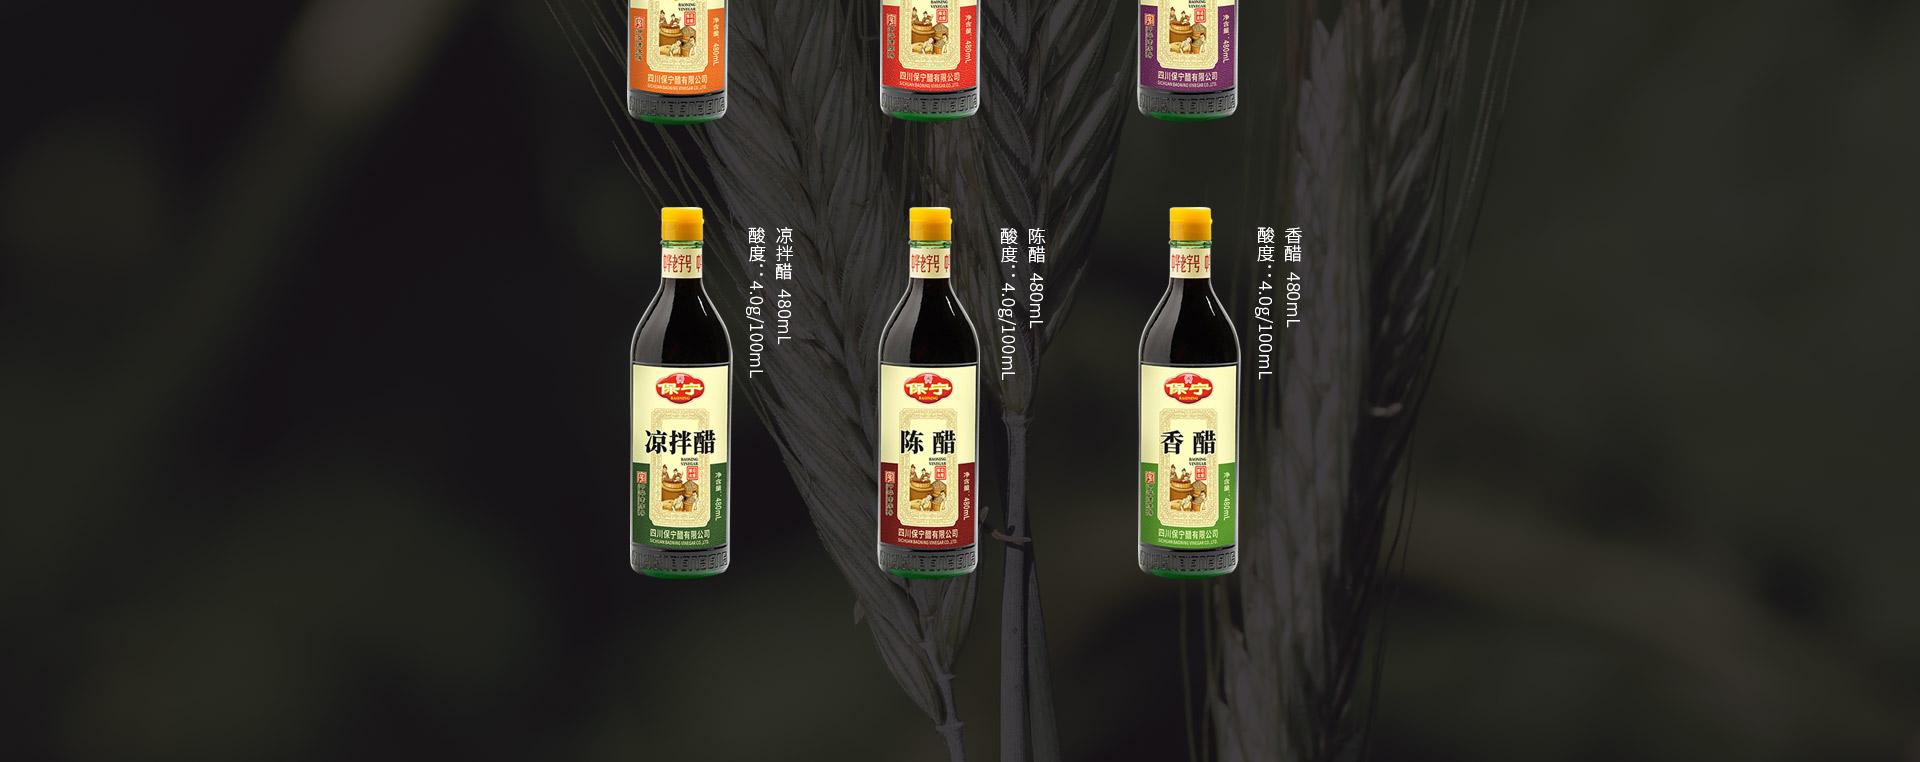 产品-陈酿_07.jpg